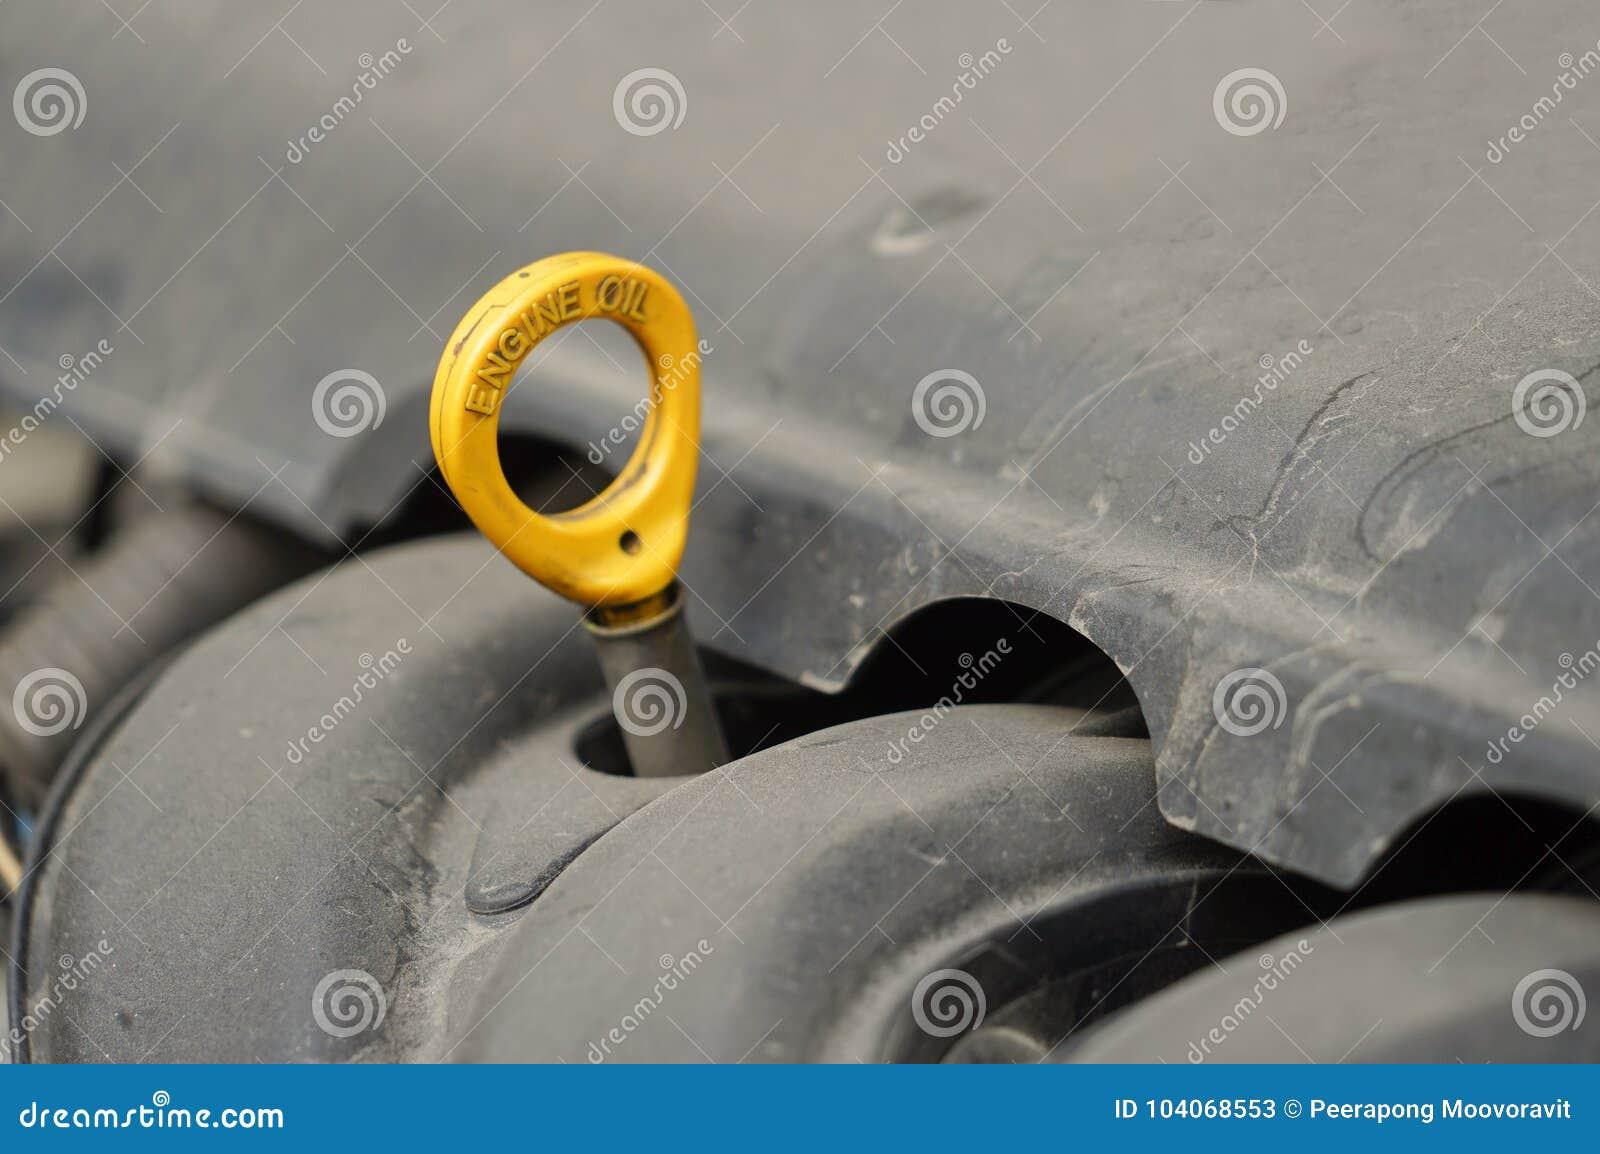 Chequeo automotriz del motor del nivel de aceite del mantenimiento